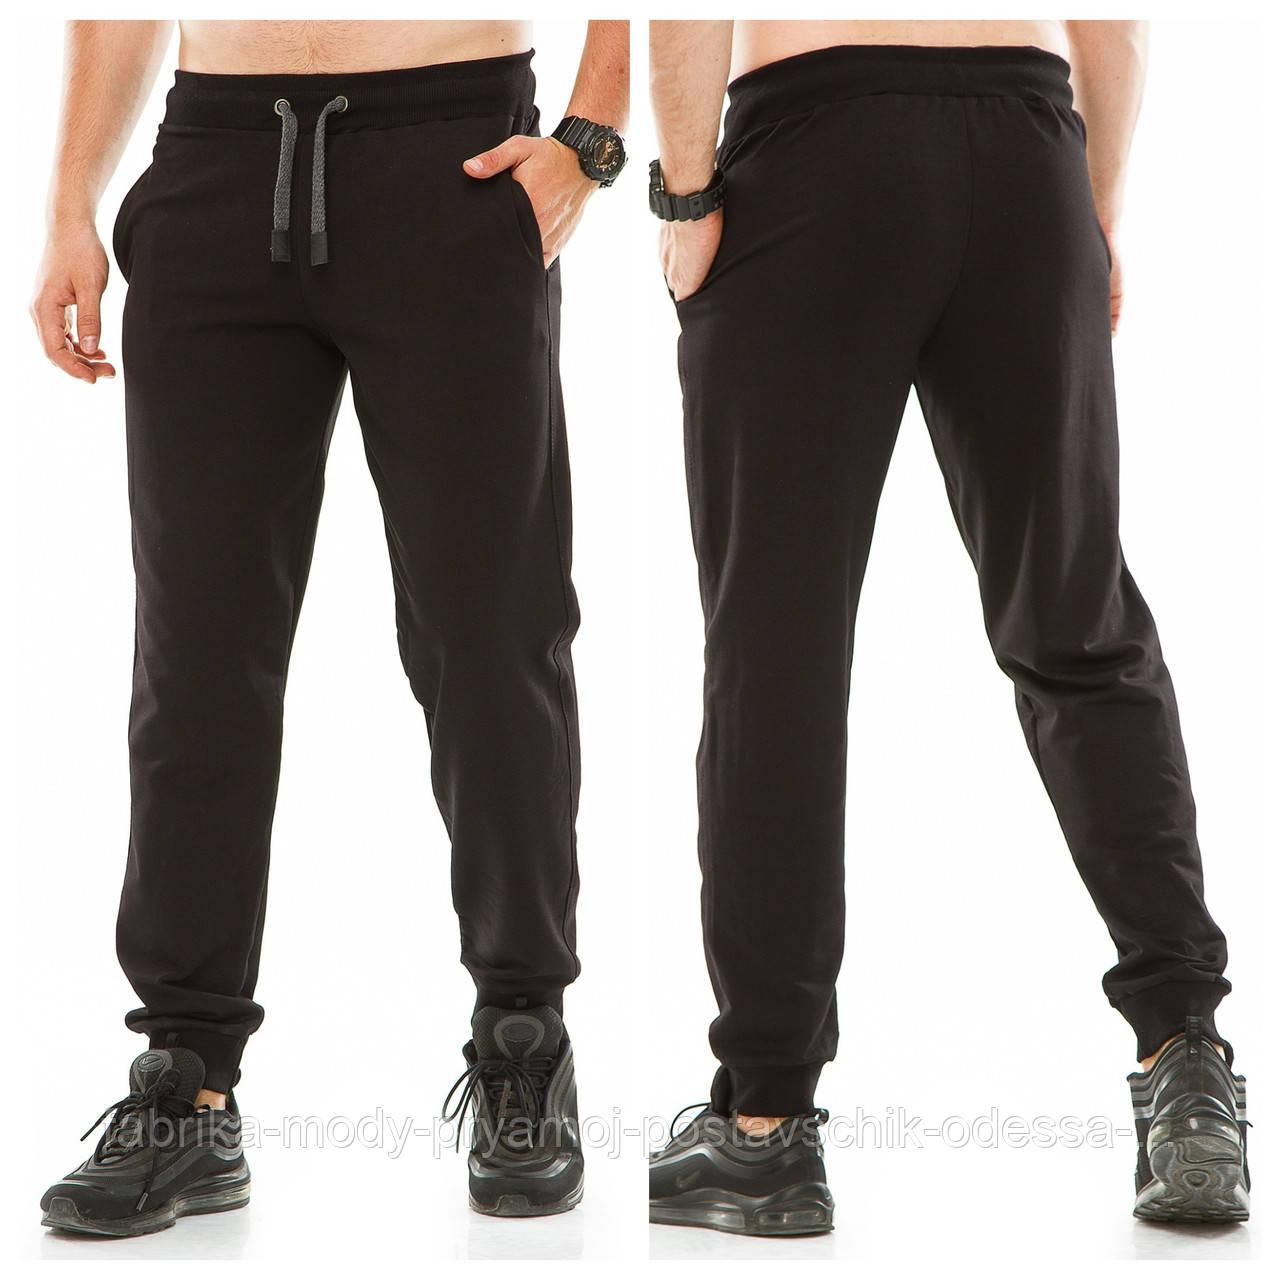 Мужские спортивные штаны р48-54 манжет